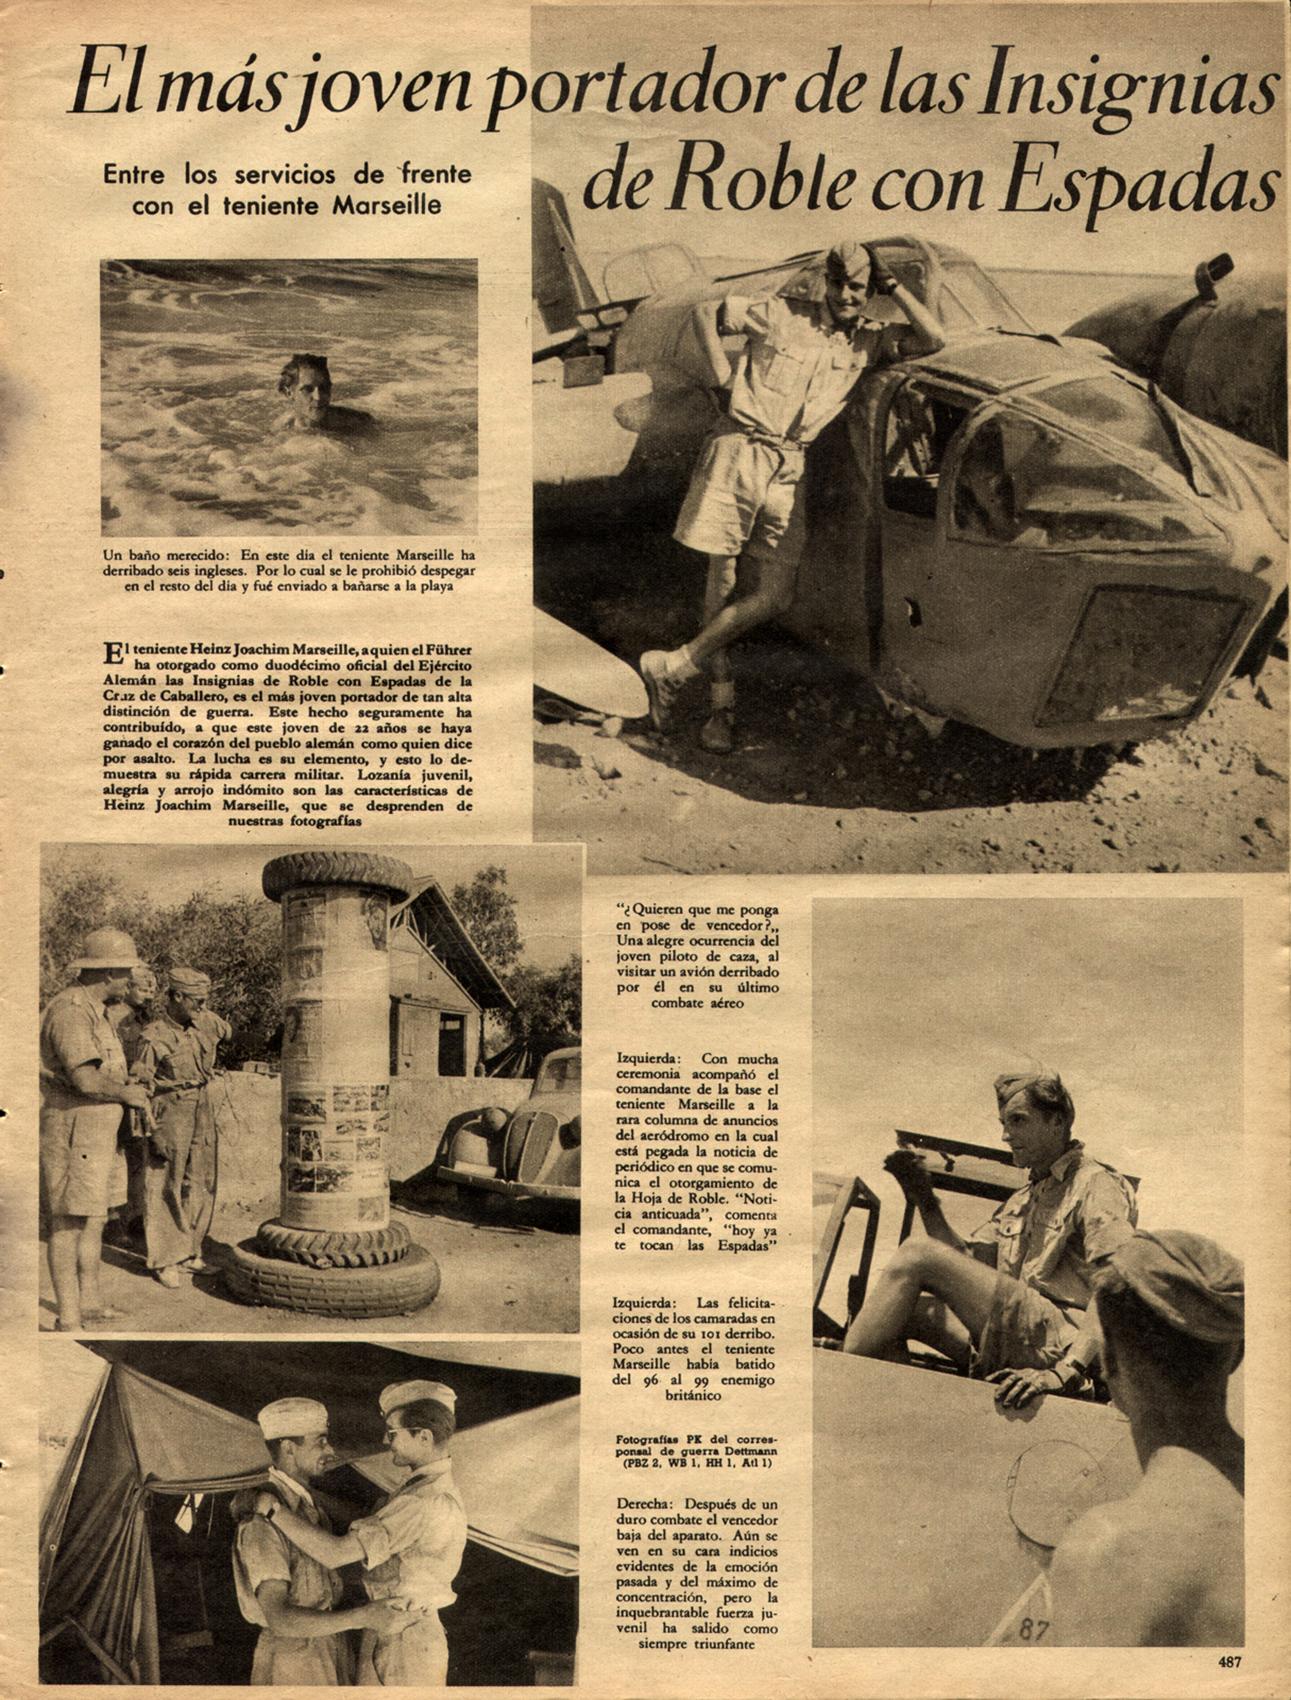 Aircrew Luftwaffe JG27 ace Hans Joachim Marseille Der Adler Aug 1942 01